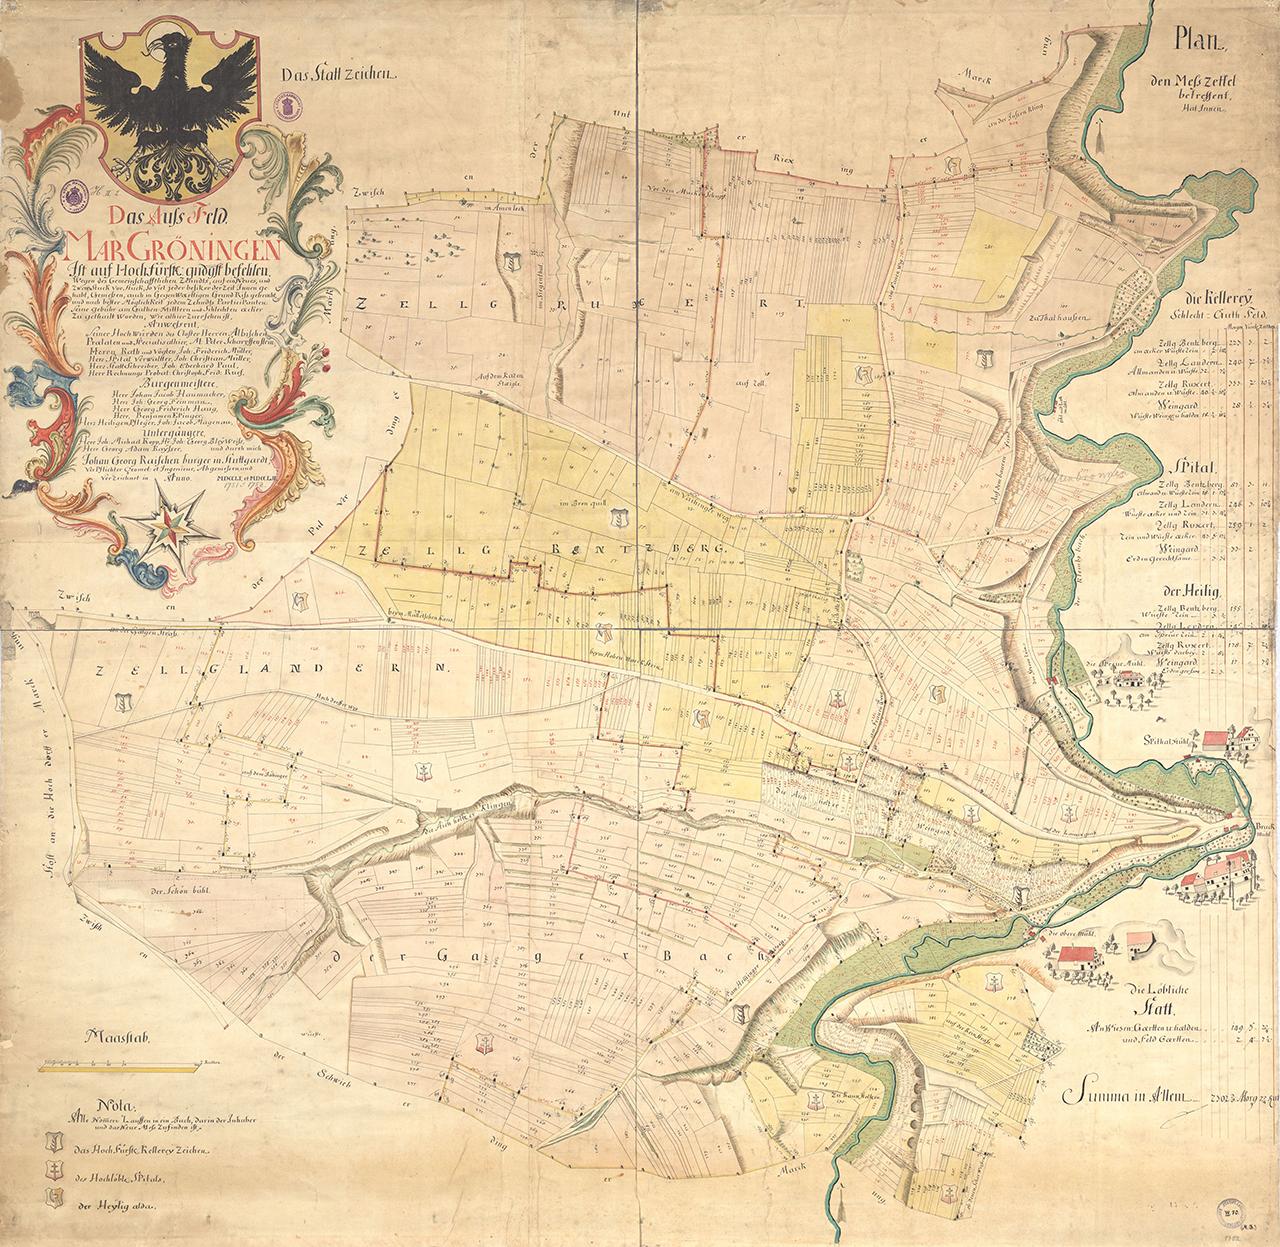 Aussfeld von MarGroeningen 1752